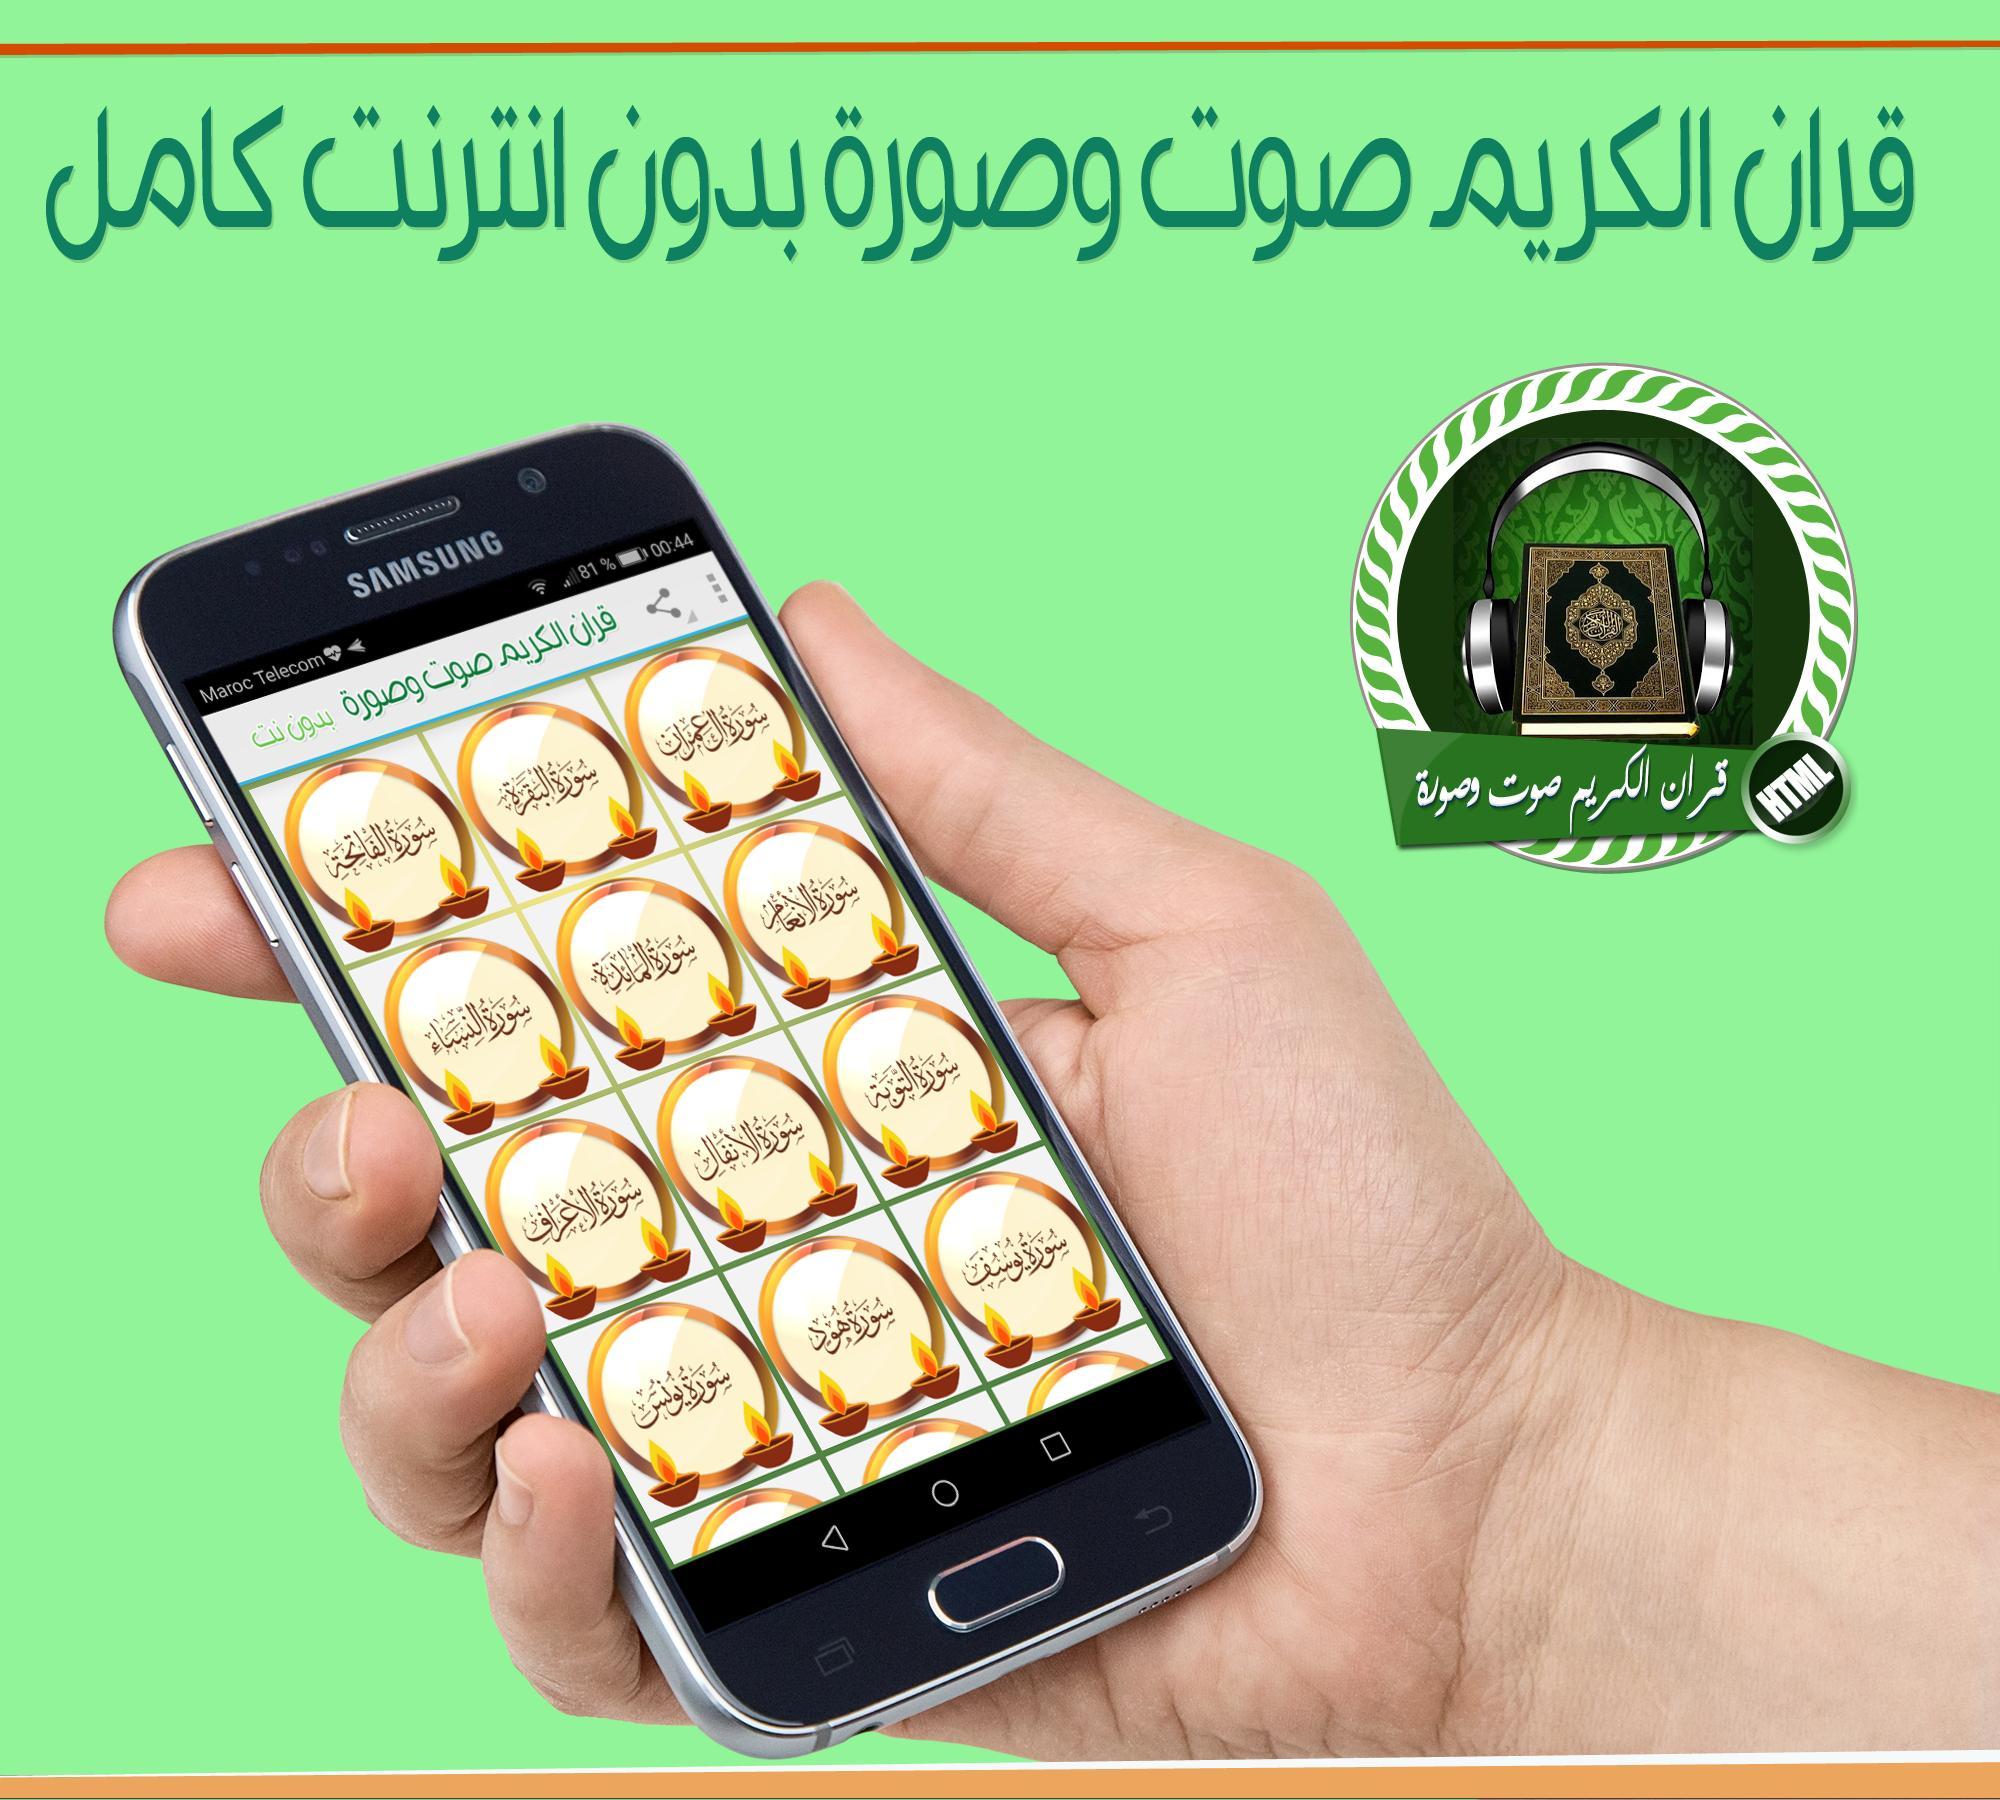 قران الكريم صوت وصورة بدون انترنت كامل For Android Apk Download